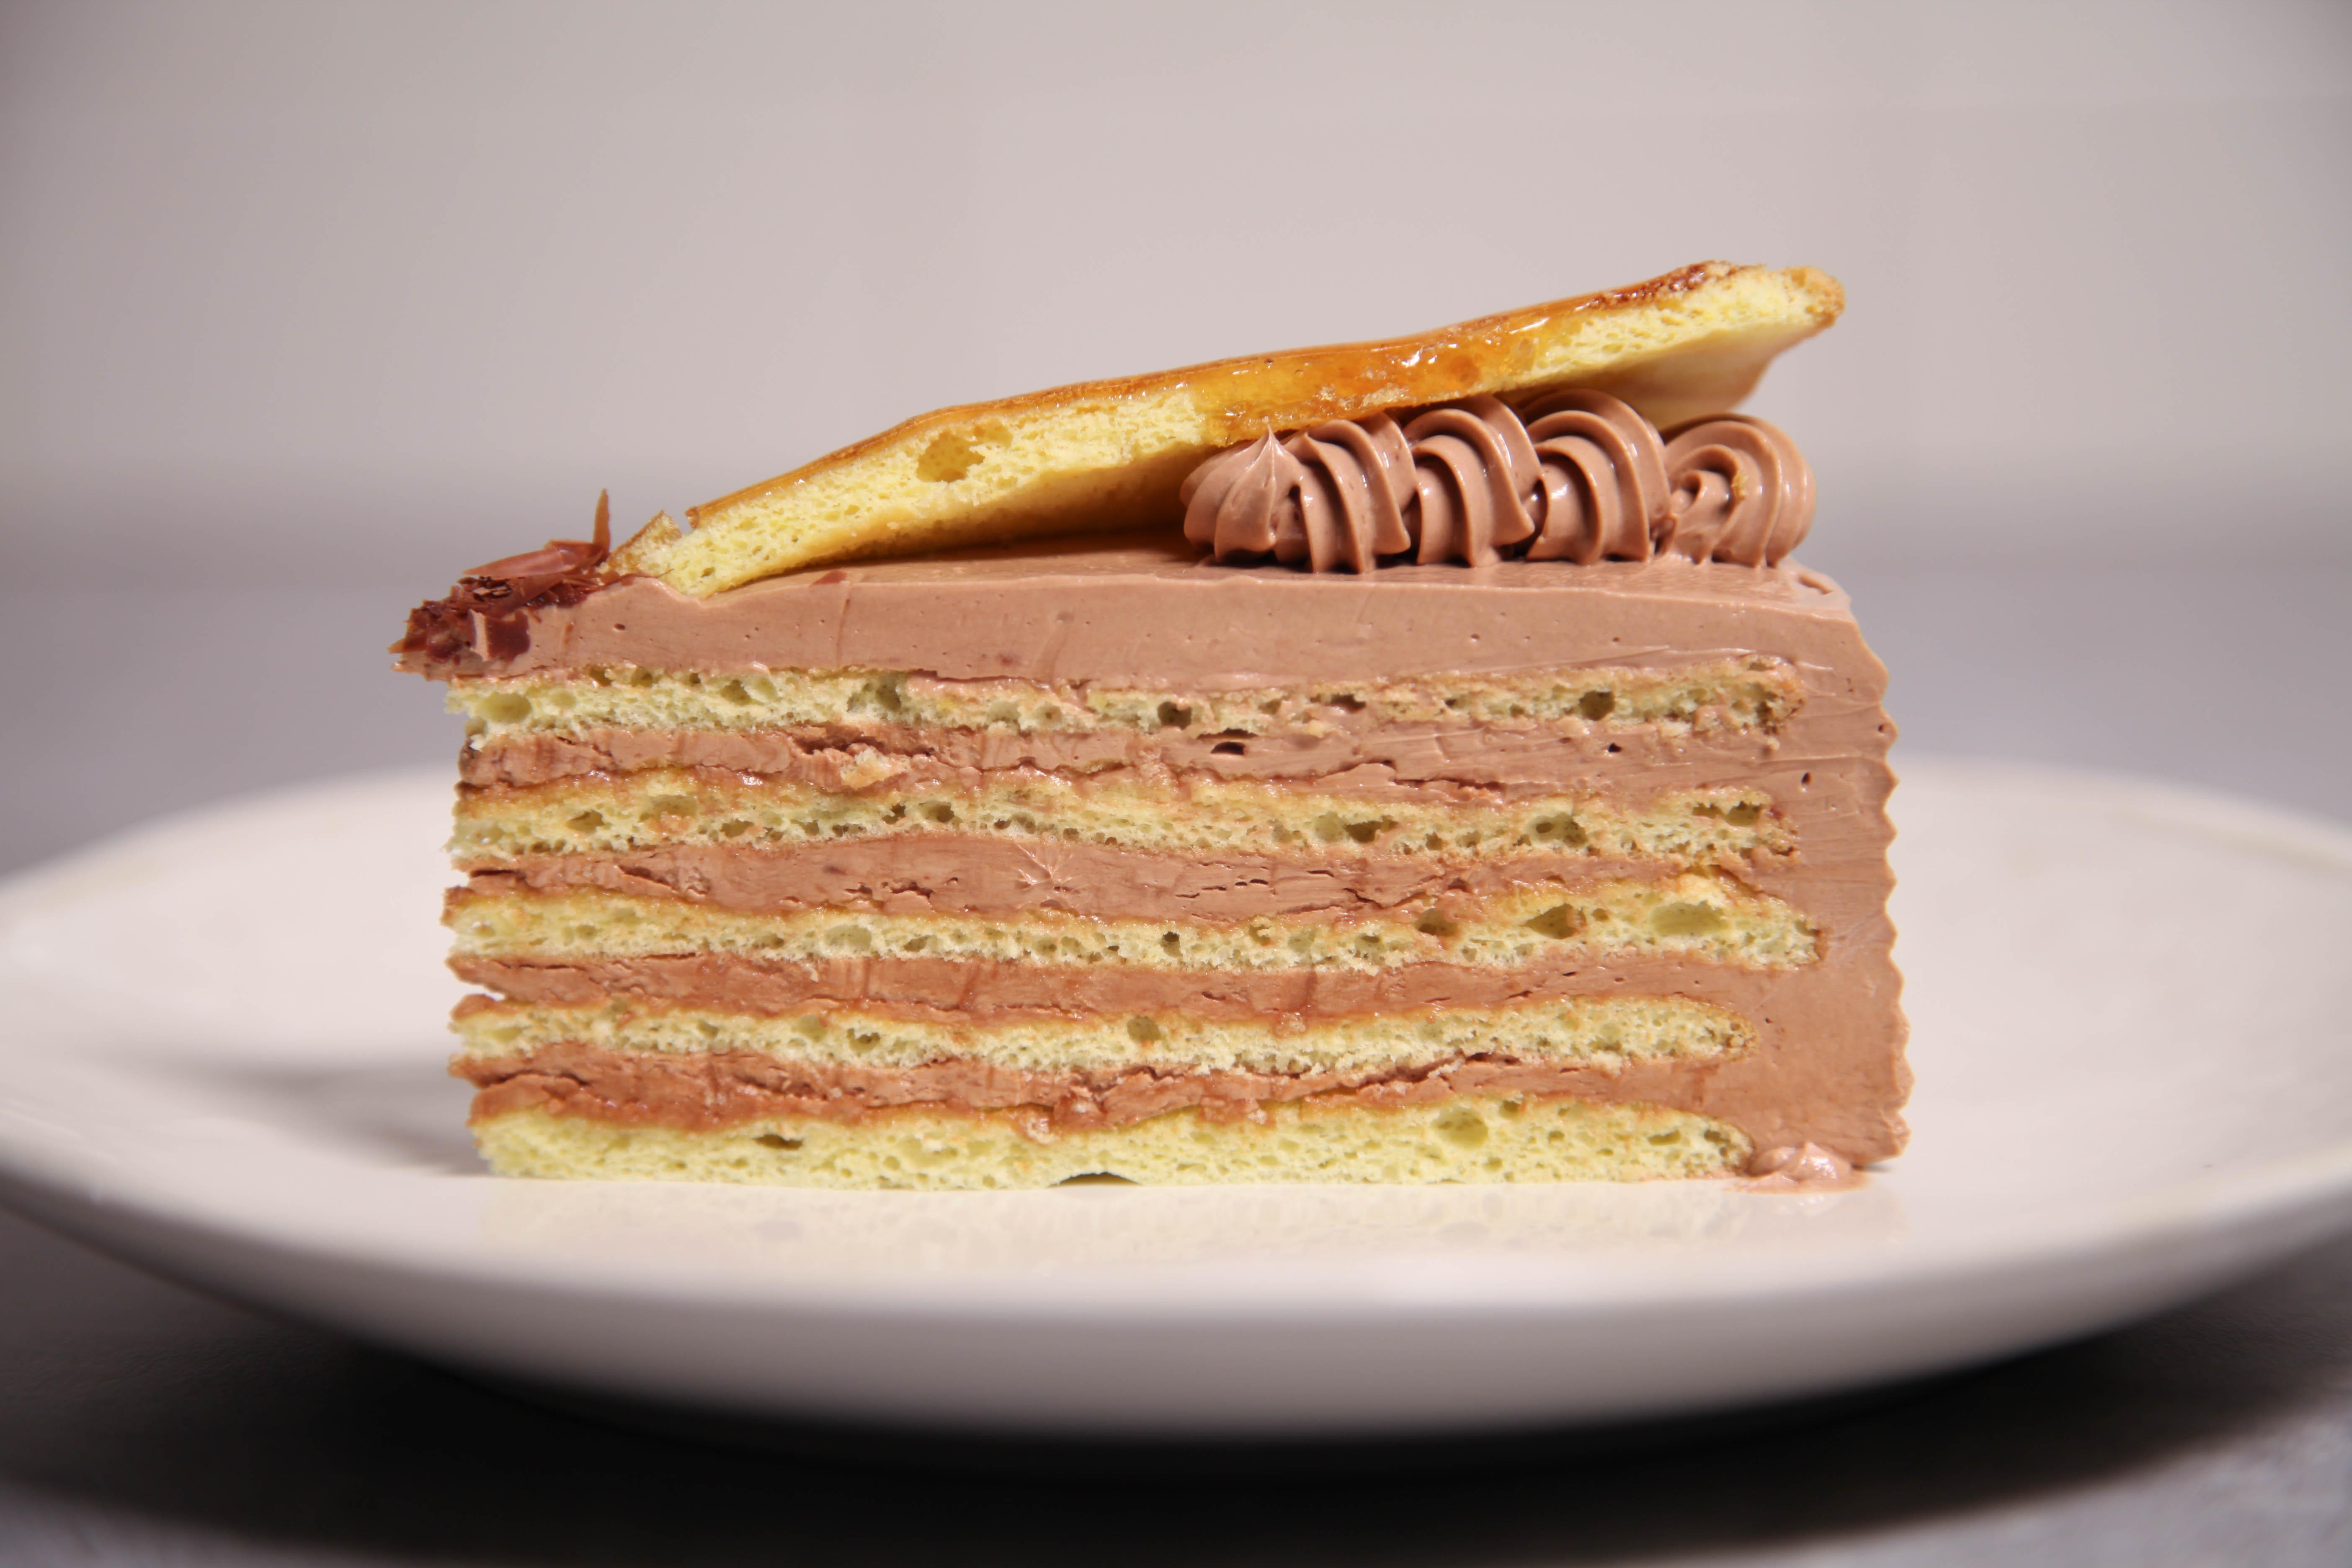 European Torte